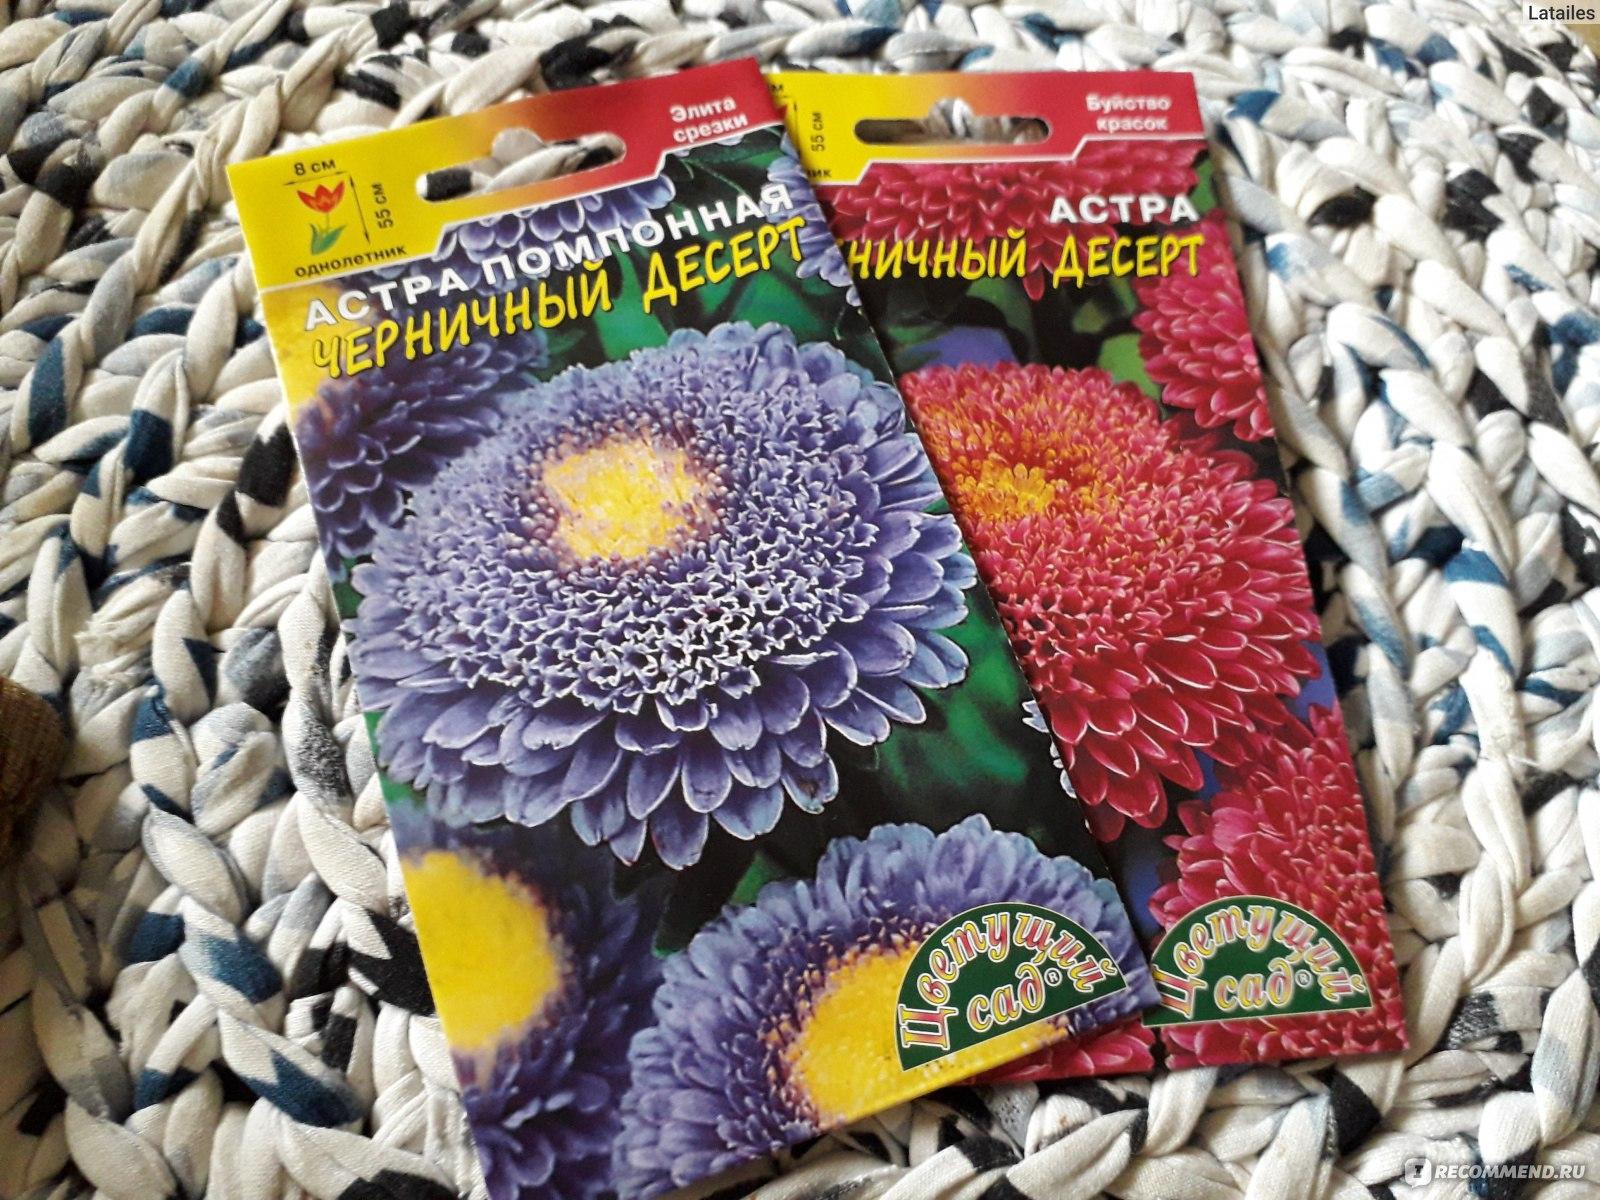 Где можно заказать семена цветов эйвон набор косметики для макияжа купить спб